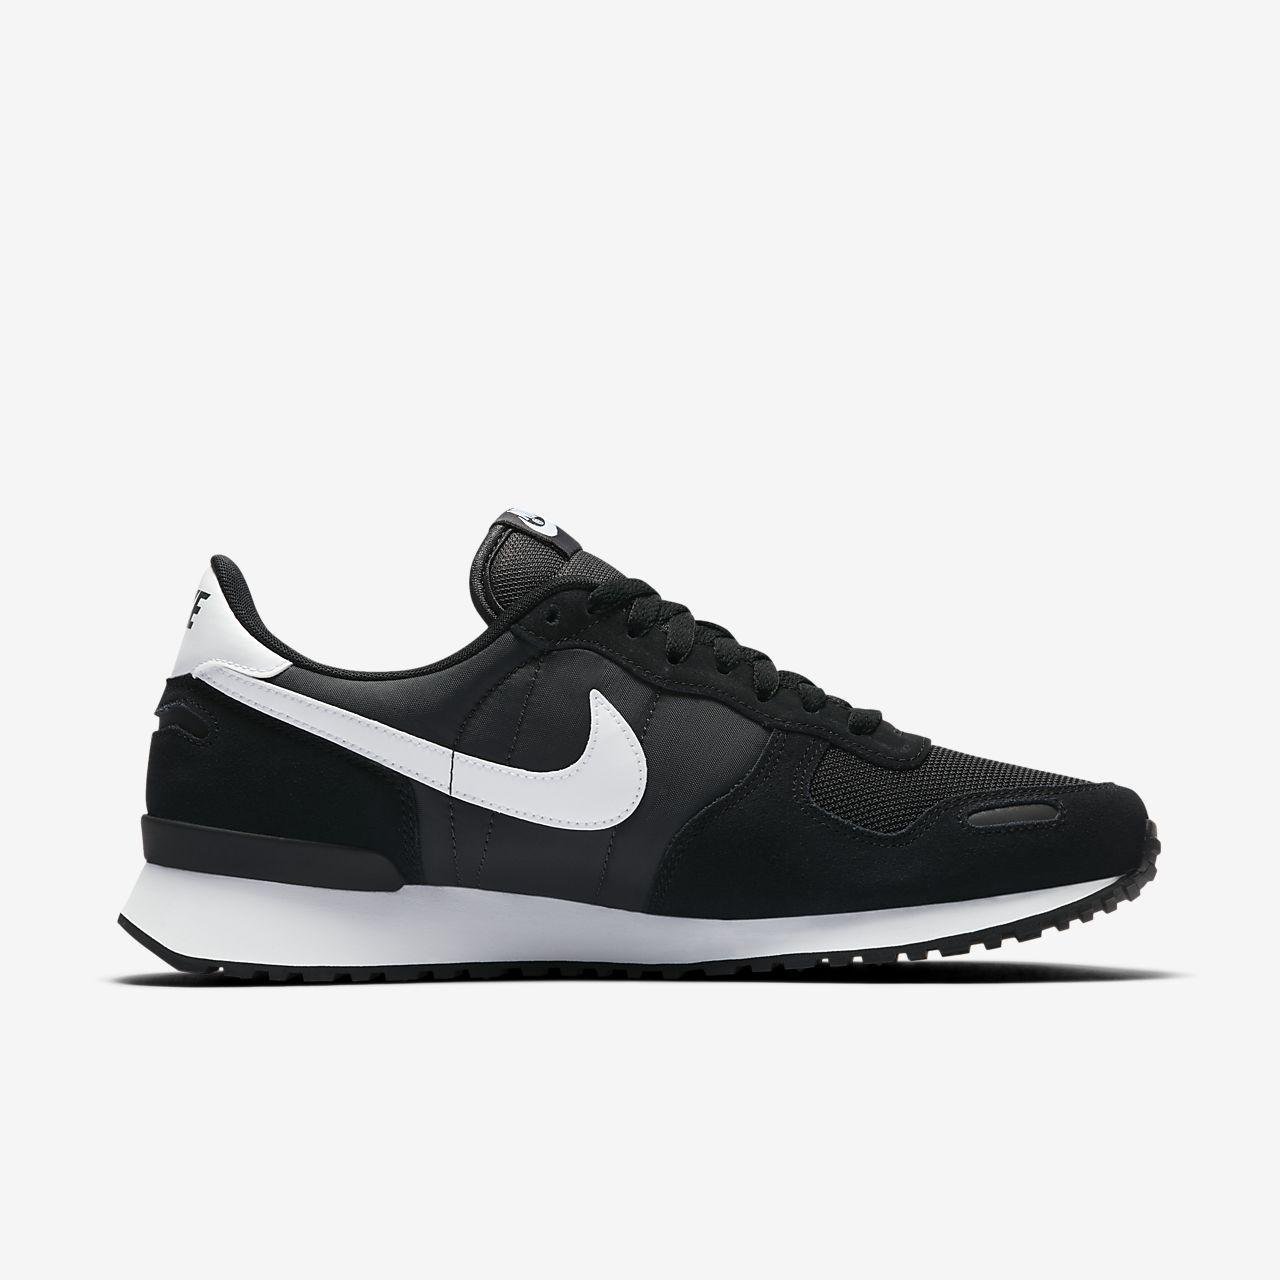 info for 8b242 03ba3 Sko Nike Air Vortex för män. Nike.com SE